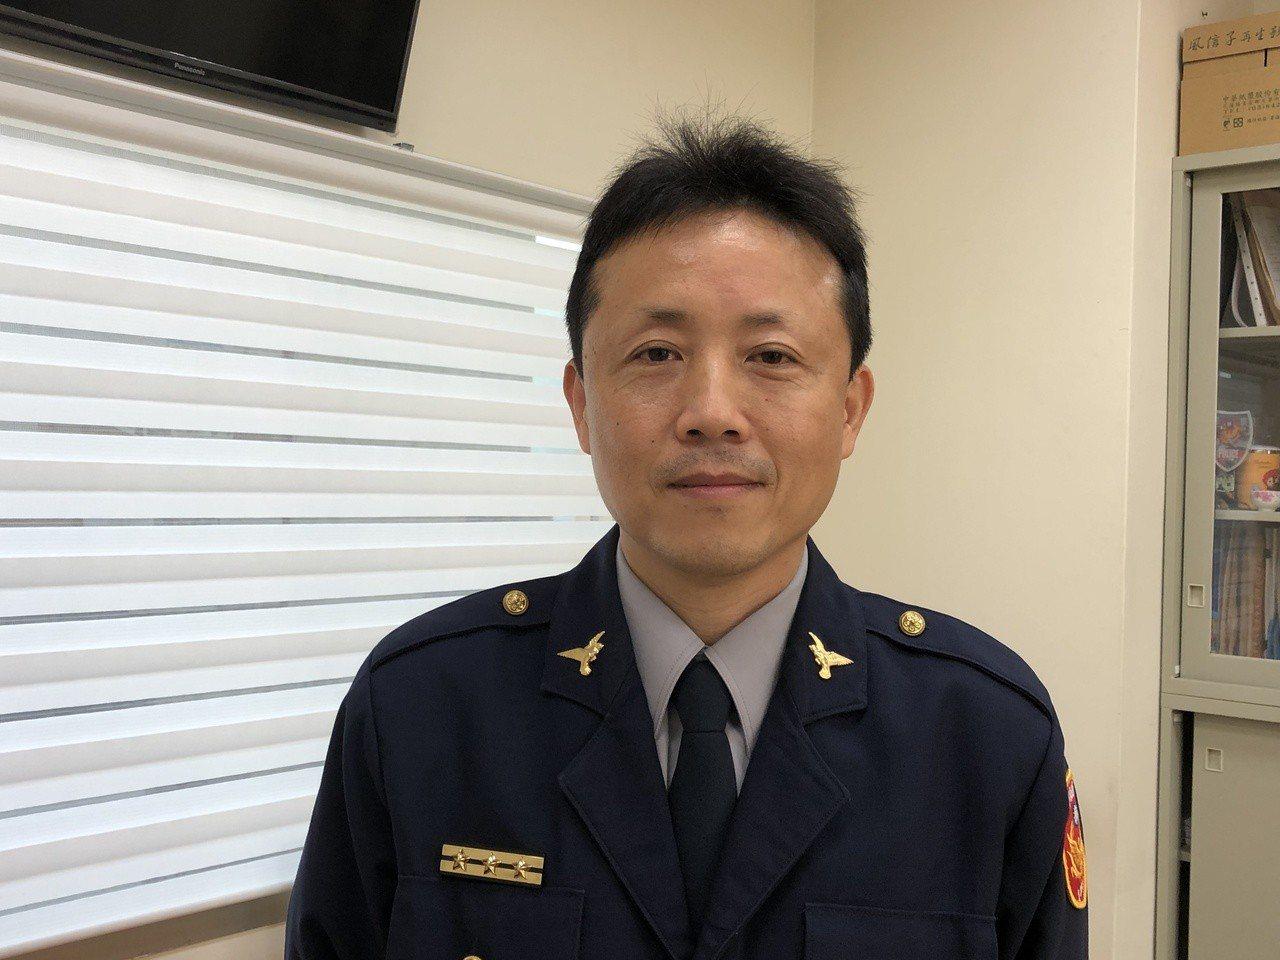 台南巿警局第四分局交通組長郭榮木,被局長稱讚帶種。記者邵心杰/攝影